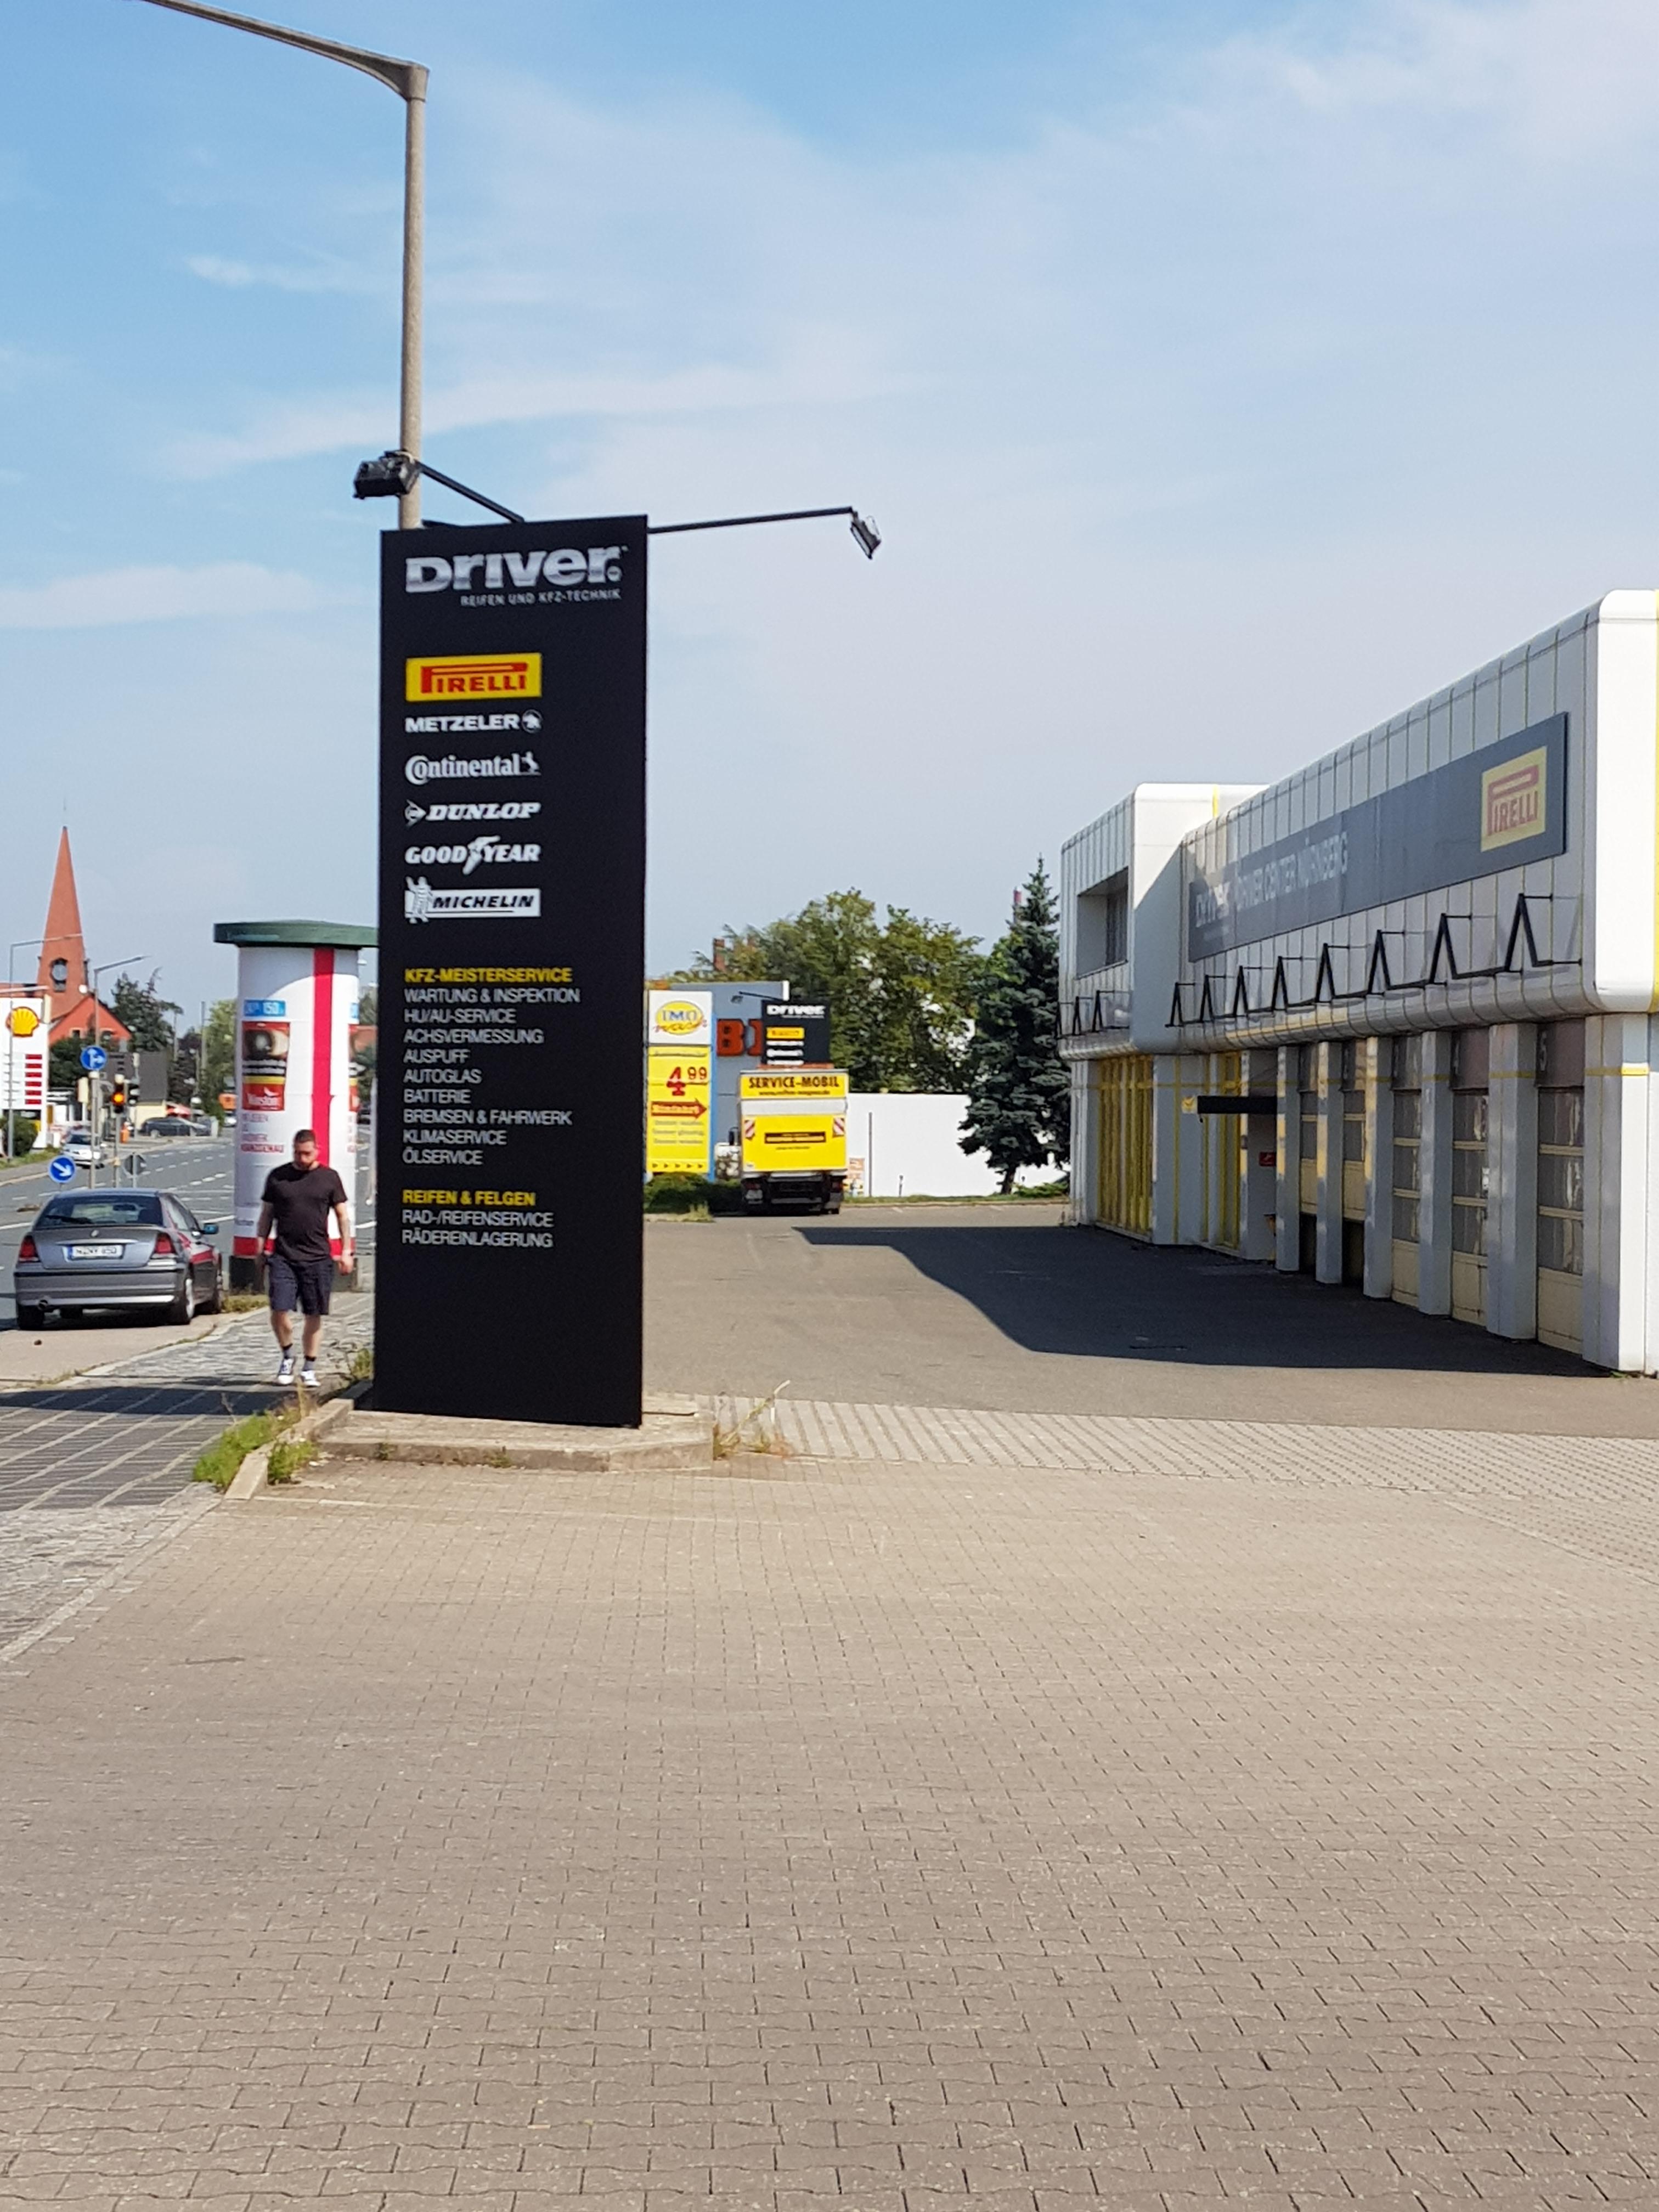 DRIVER CENTER NÜRNBERG - DRIVER REIFEN UND KFZ-TECHNIK GMBH